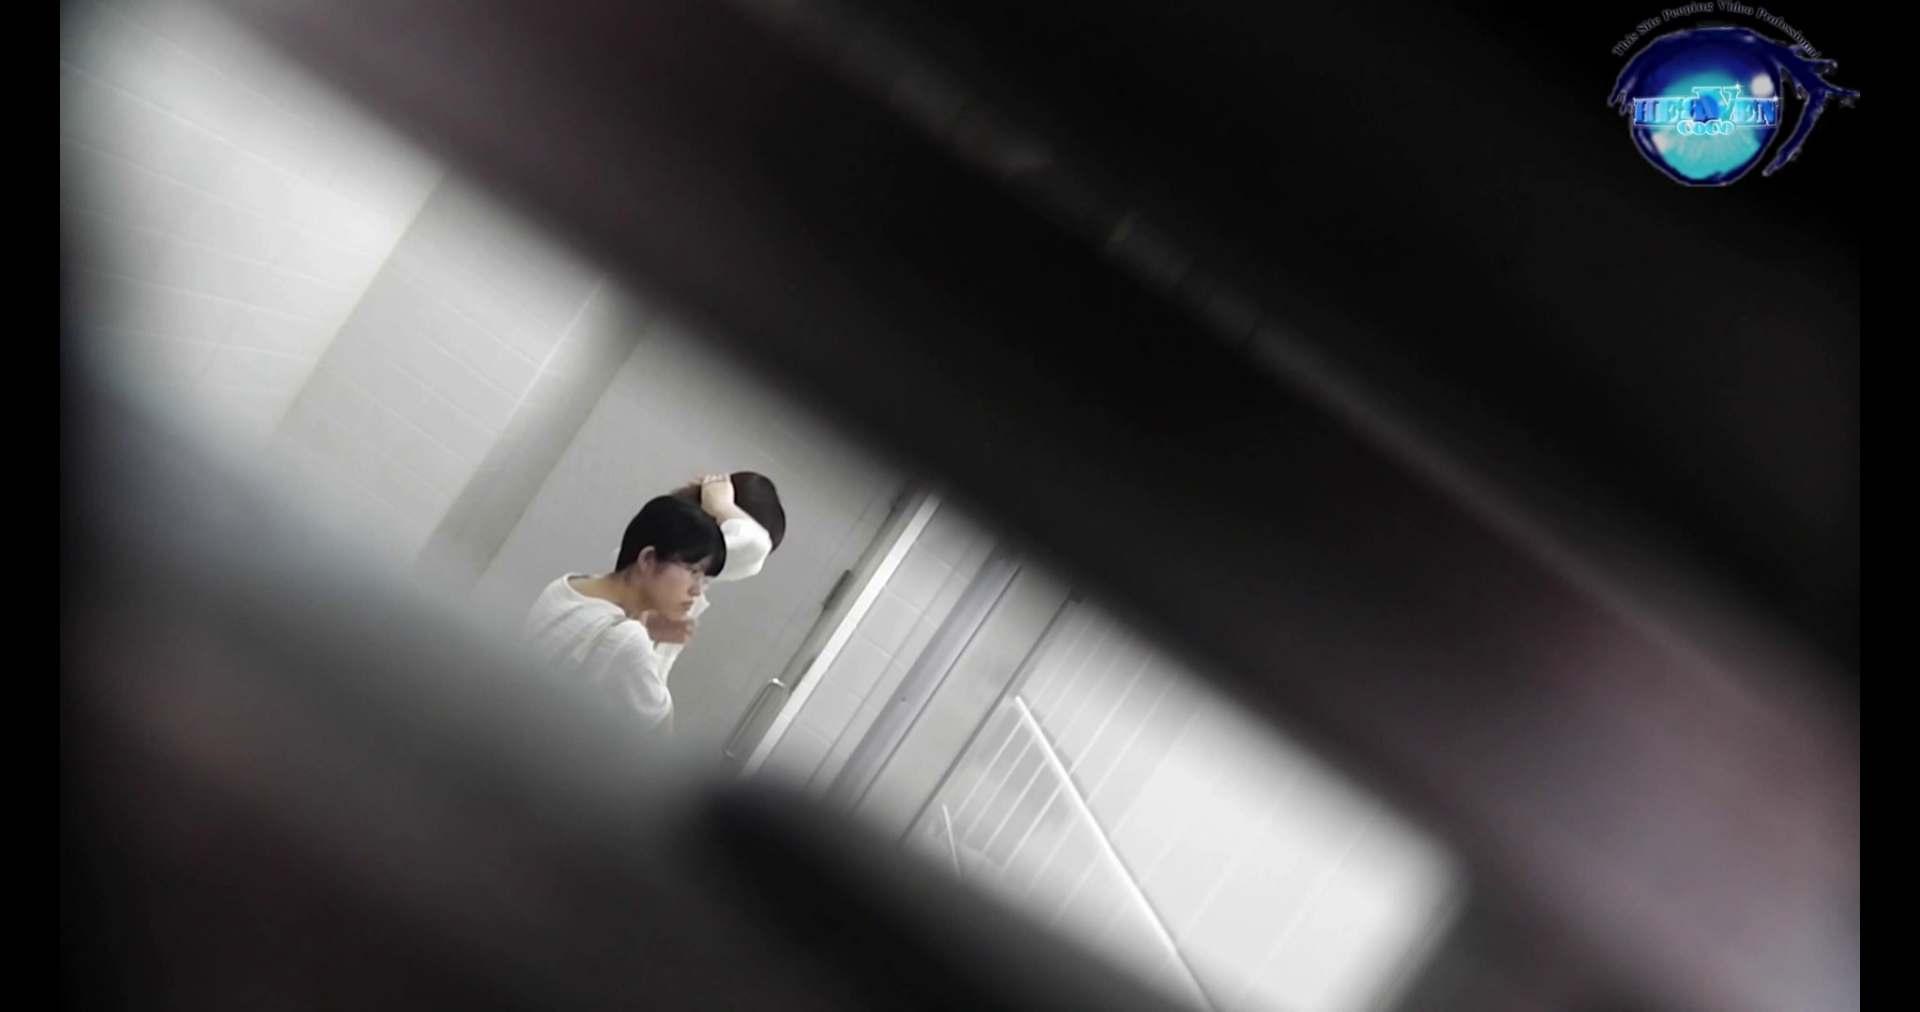 お銀さんの洗面所突入レポート!!vol.72 あのかわいい子がついフロント撮り実演 洗面所  55連発 6